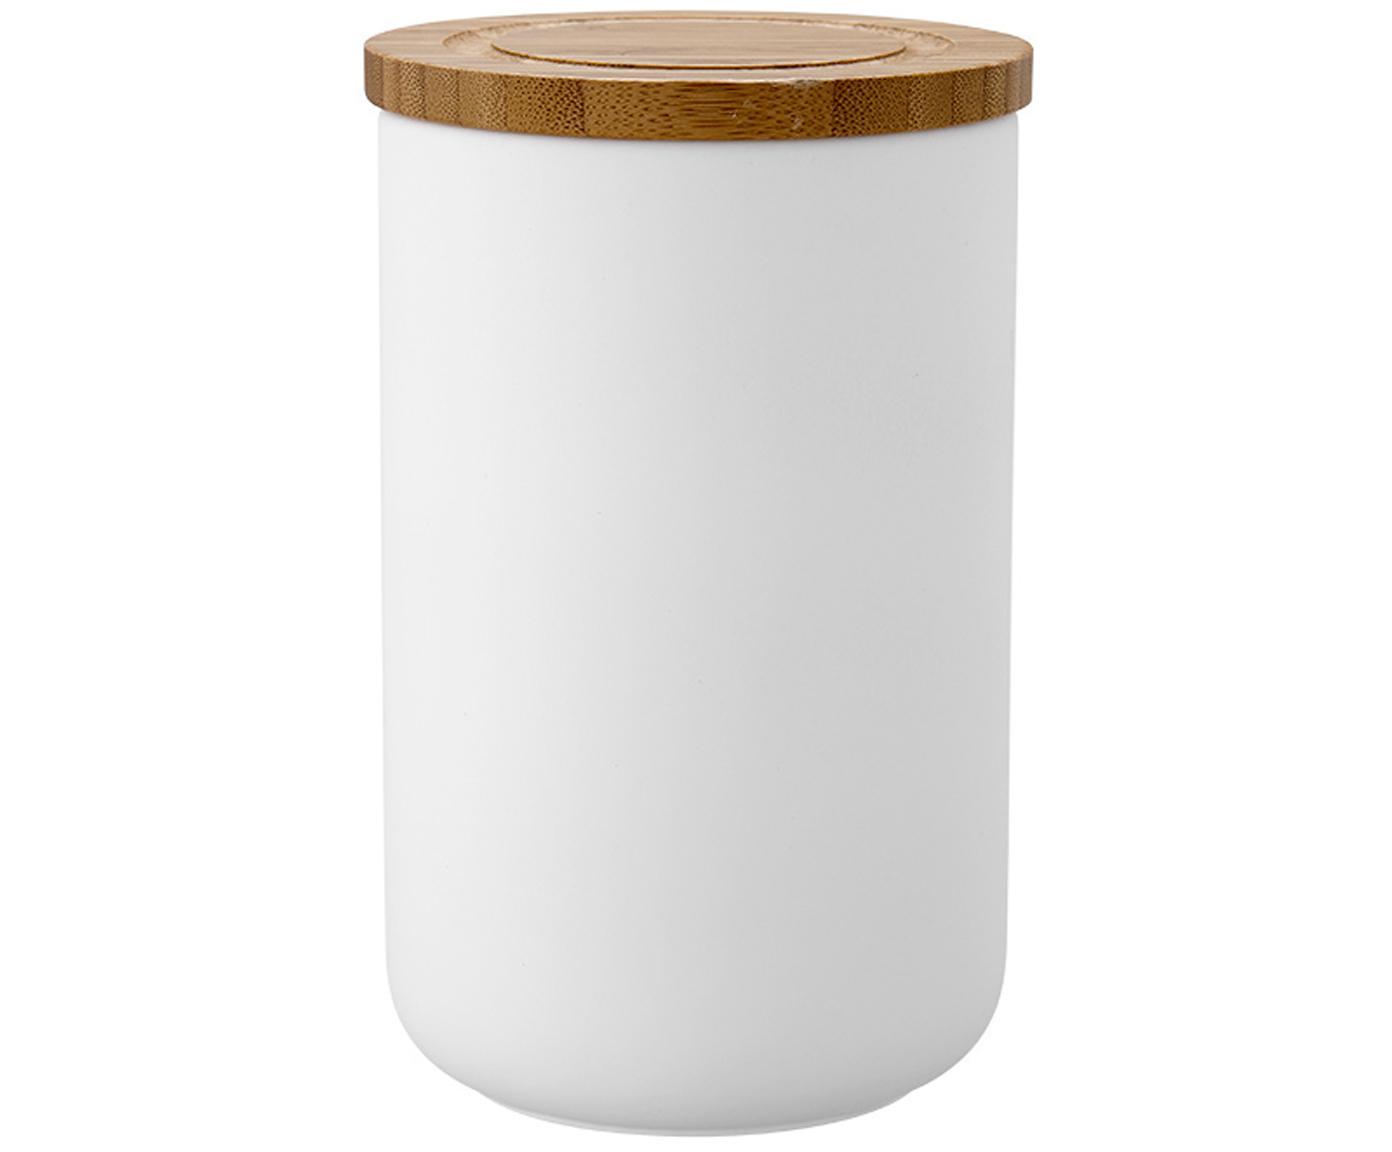 Pojemnik do przechowywania Stak, Biały, drewno bambusowe, Ø 10 x W 17 cm